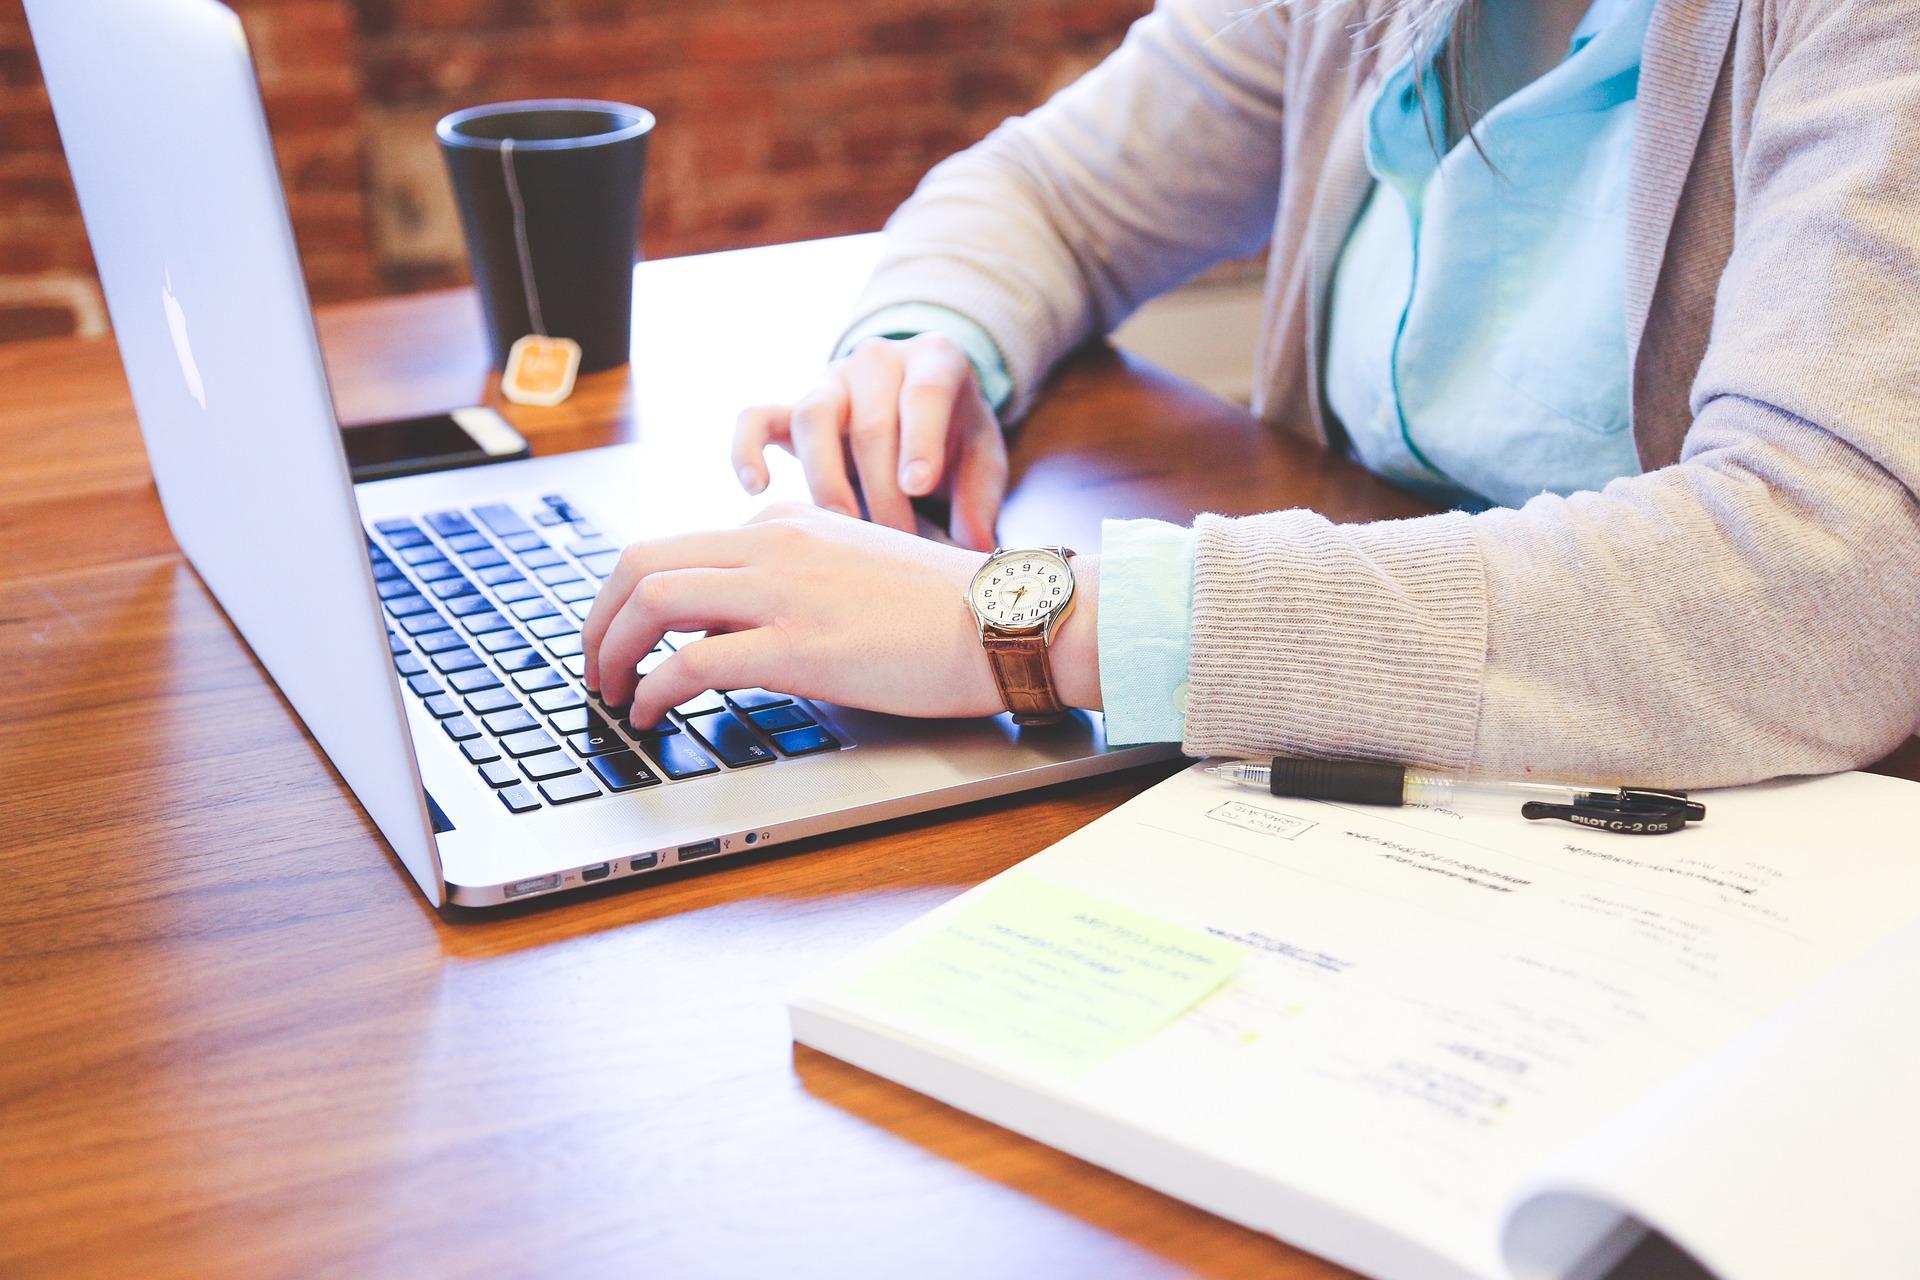 履歴書に同封する添え状(送付状)の書き方は?ポイントや注意点も詳しく解説